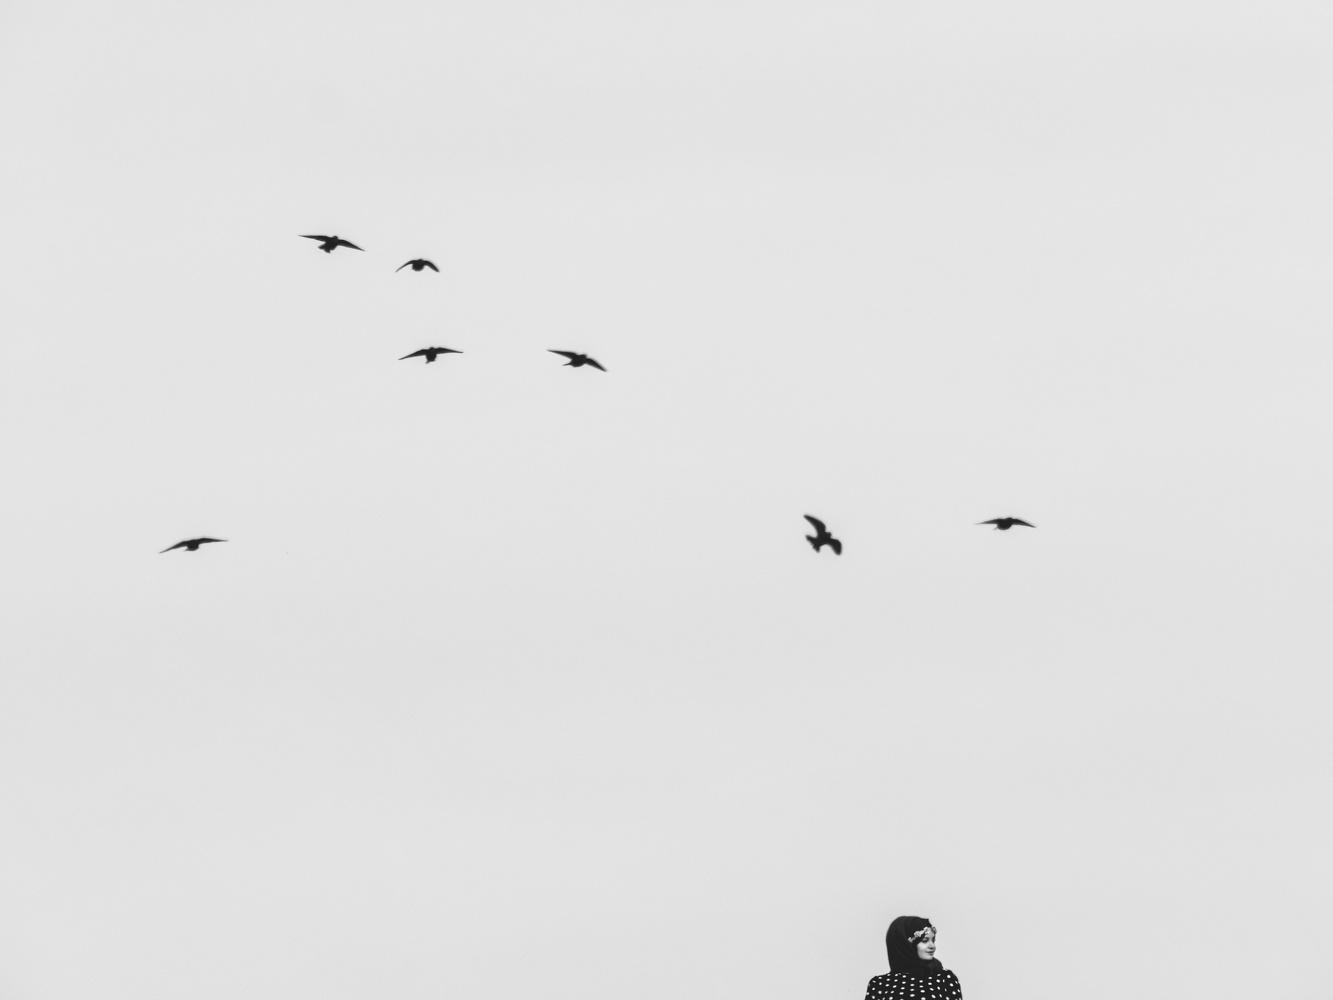 Far away... by Tomasz Kowalski